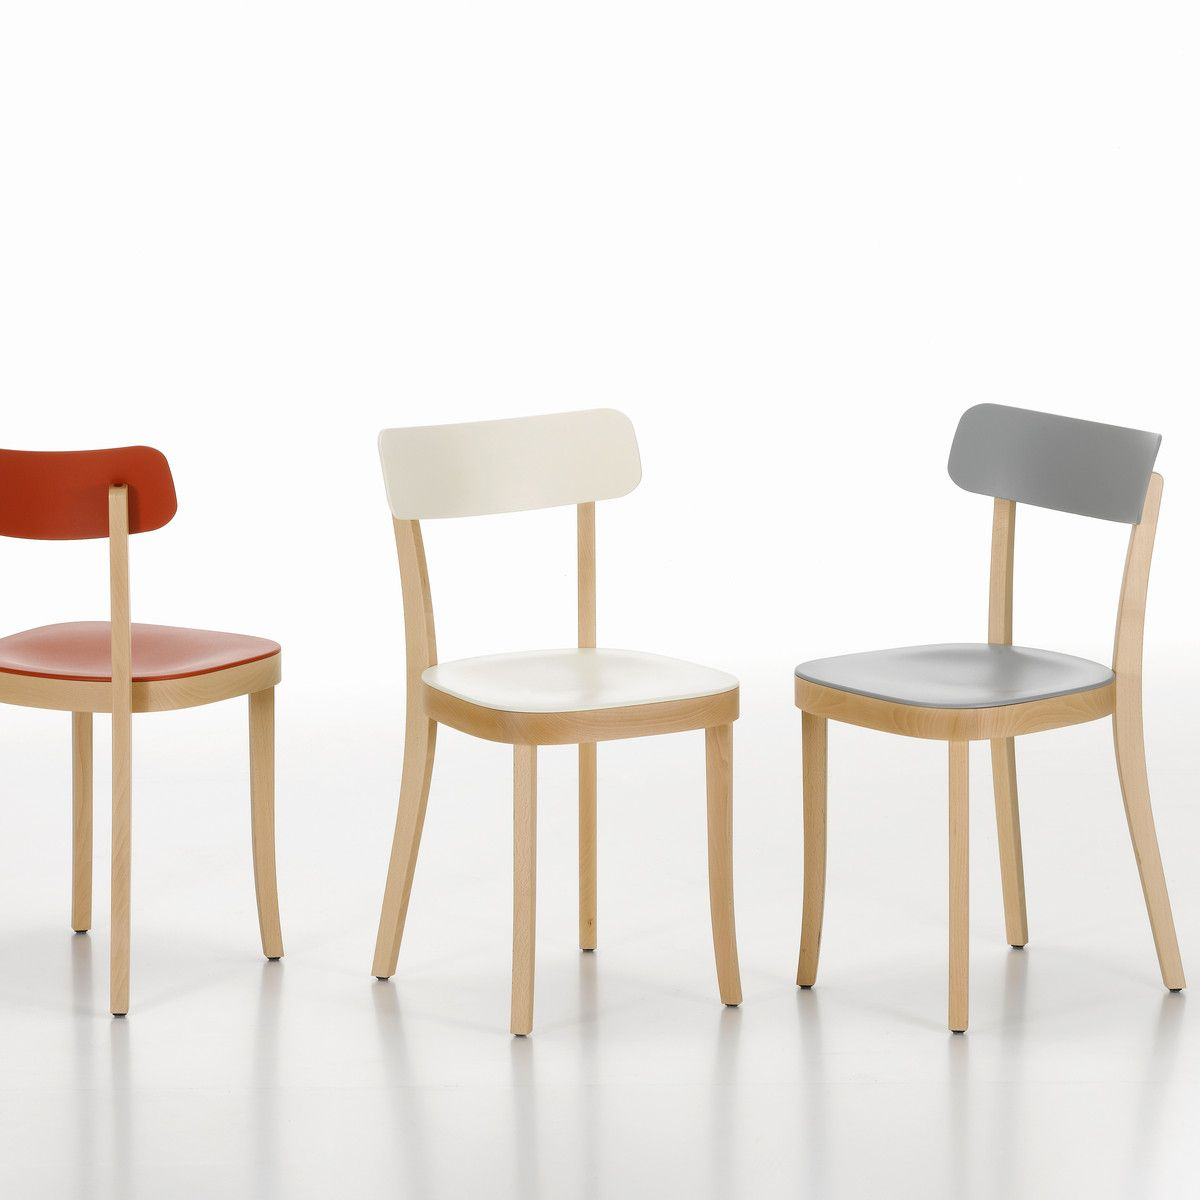 Vitra Basel Chair Einrichten Design Stuhle Vitra Stuhl